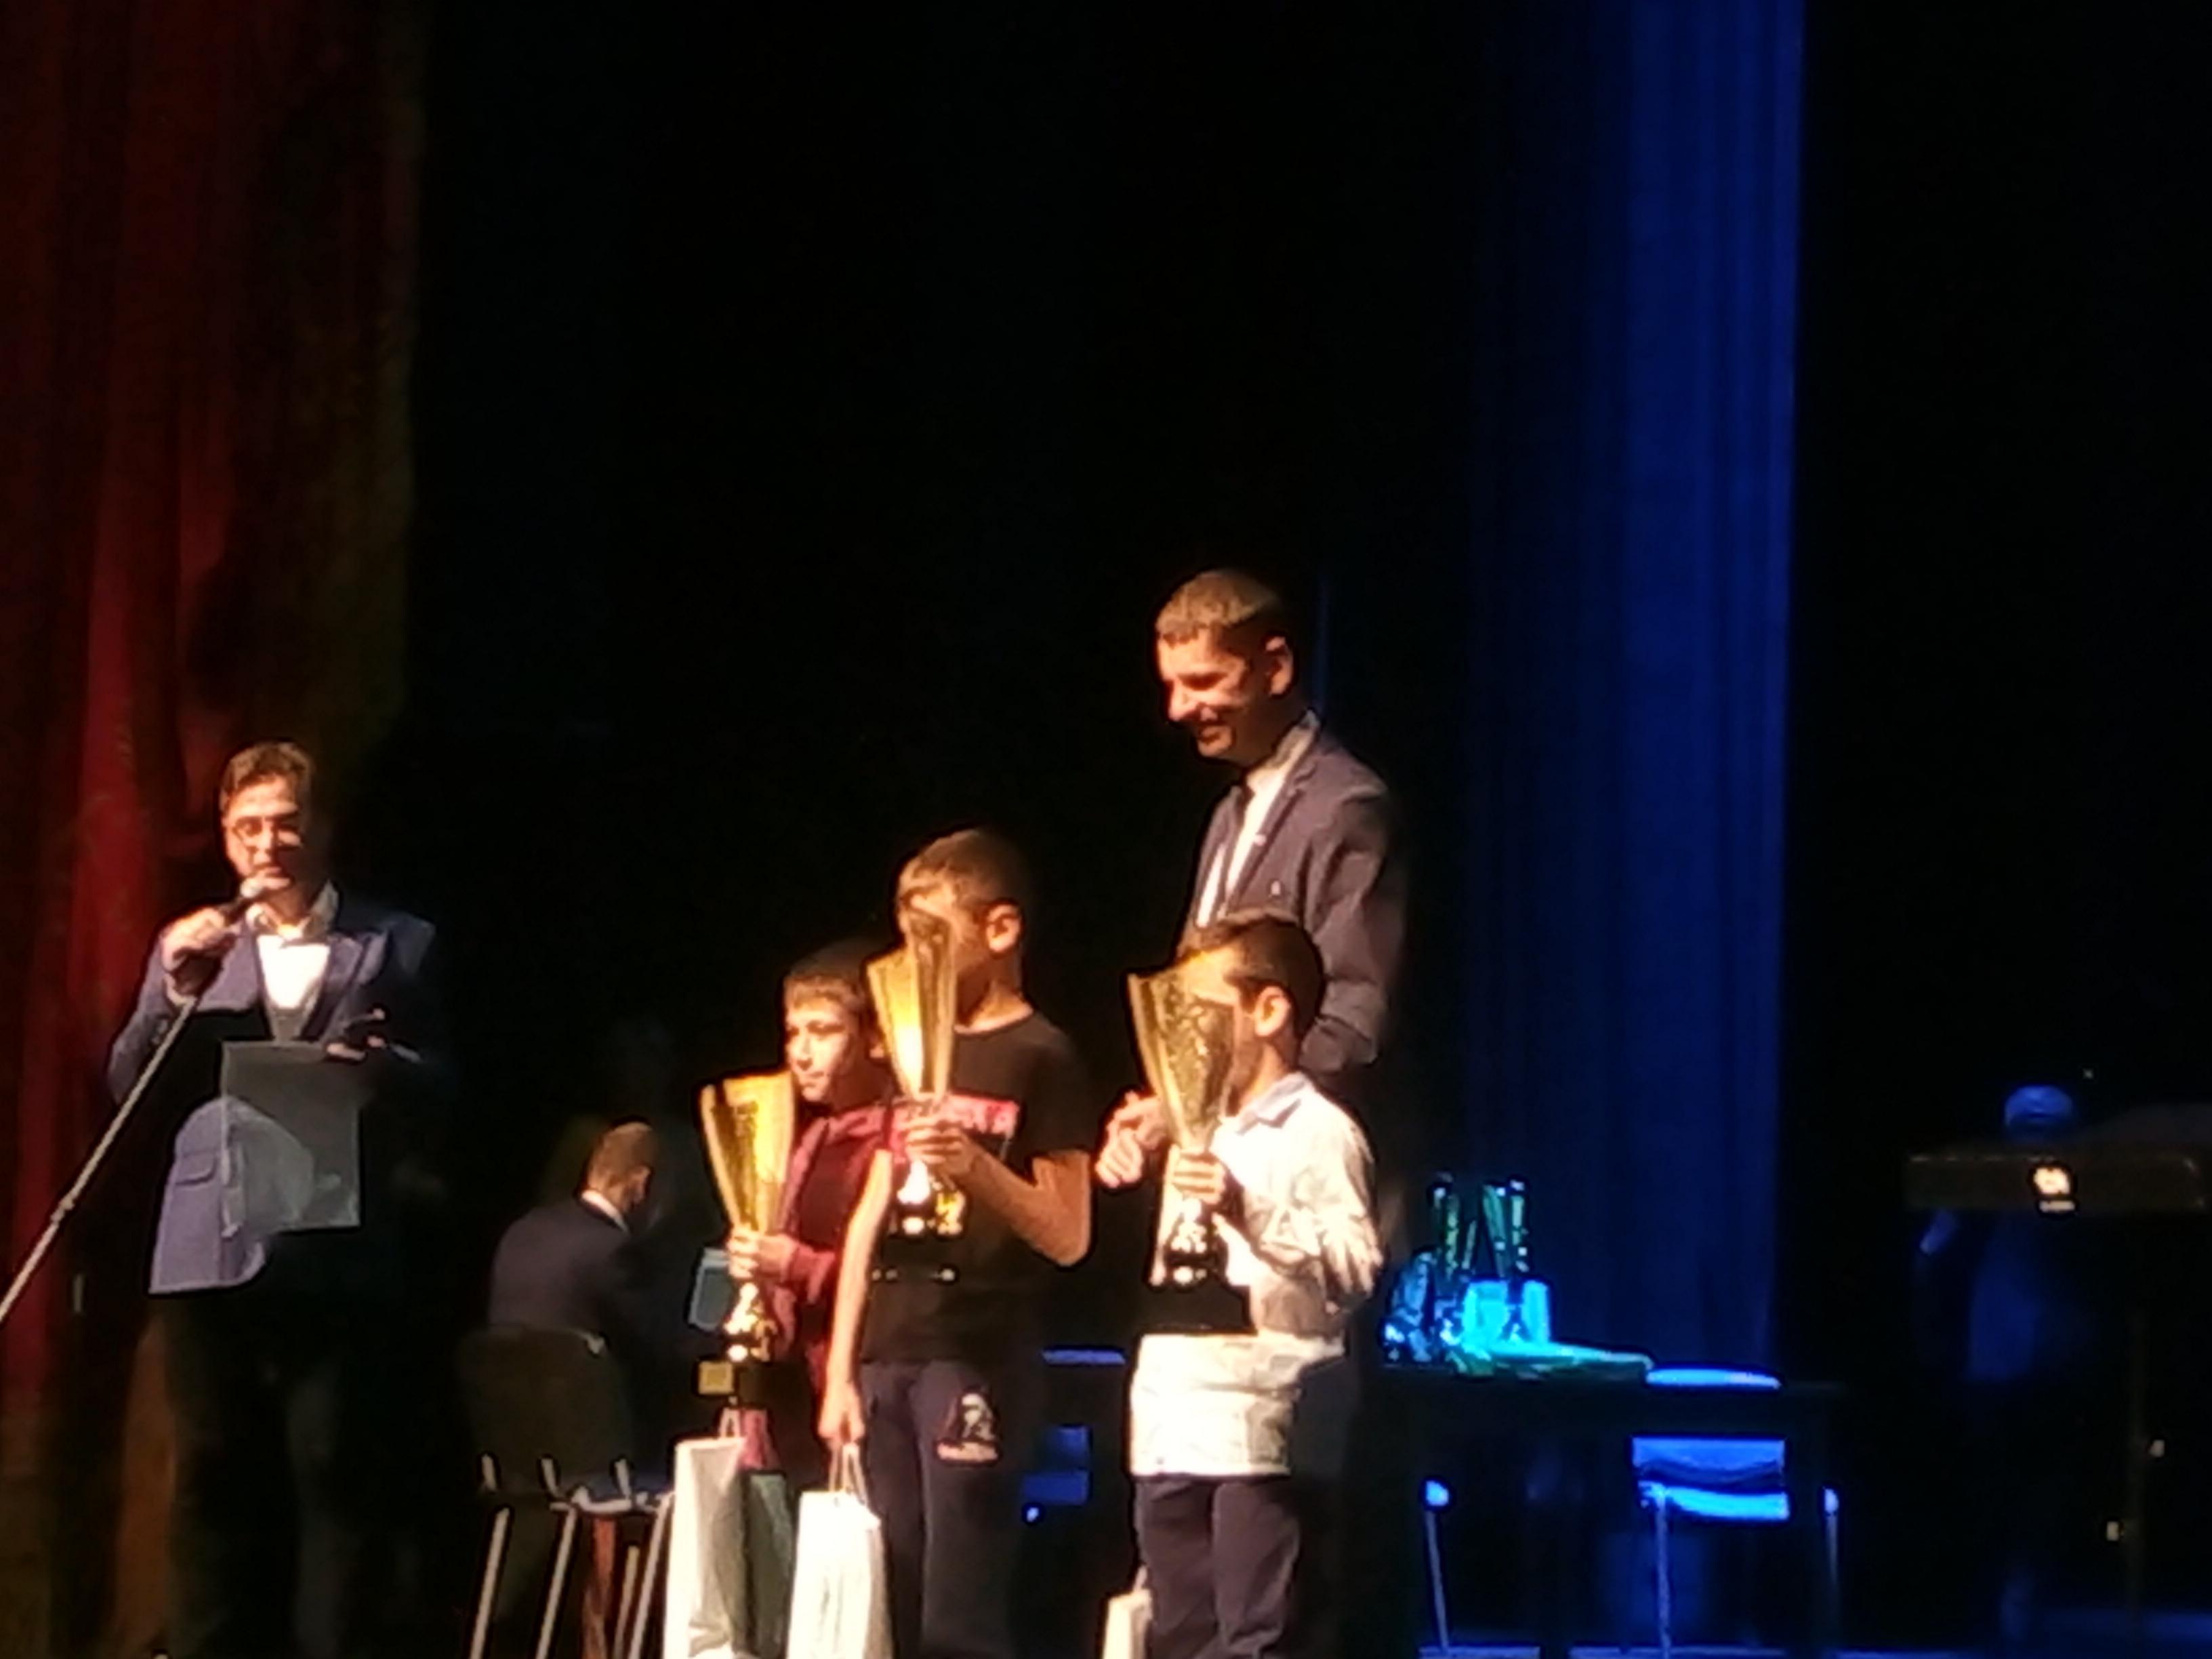 Sukces uczniów Szkoły Podstawowej w Werbkowicach